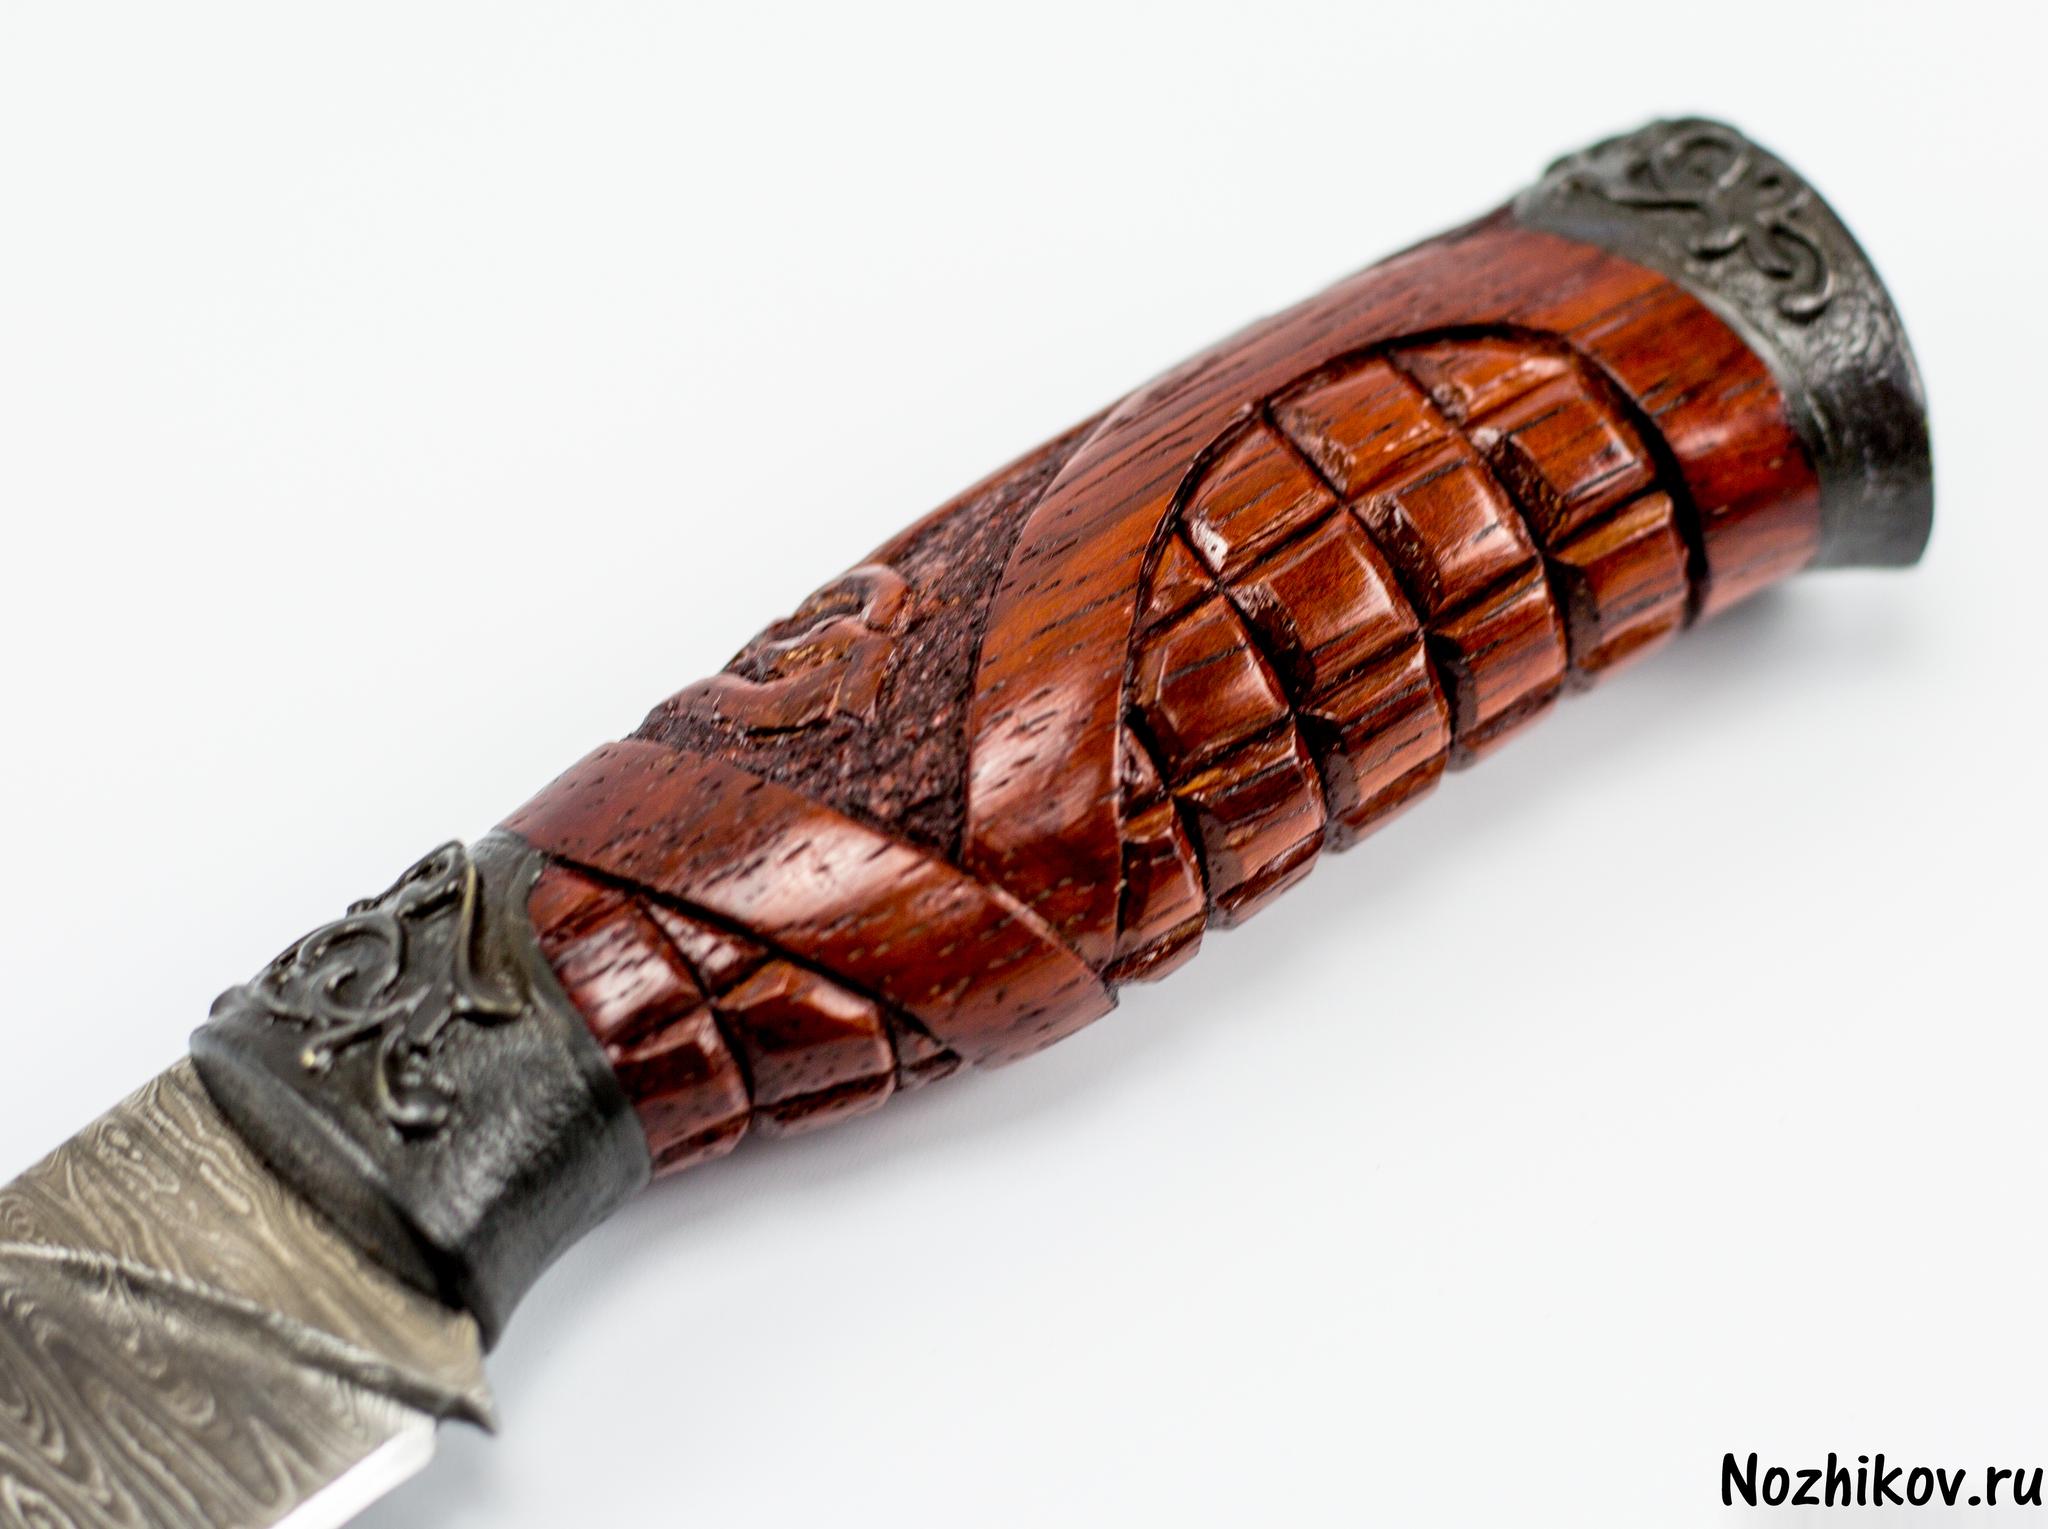 Фото 3 - Авторский Нож из Дамаска №9, Кизляр от Noname